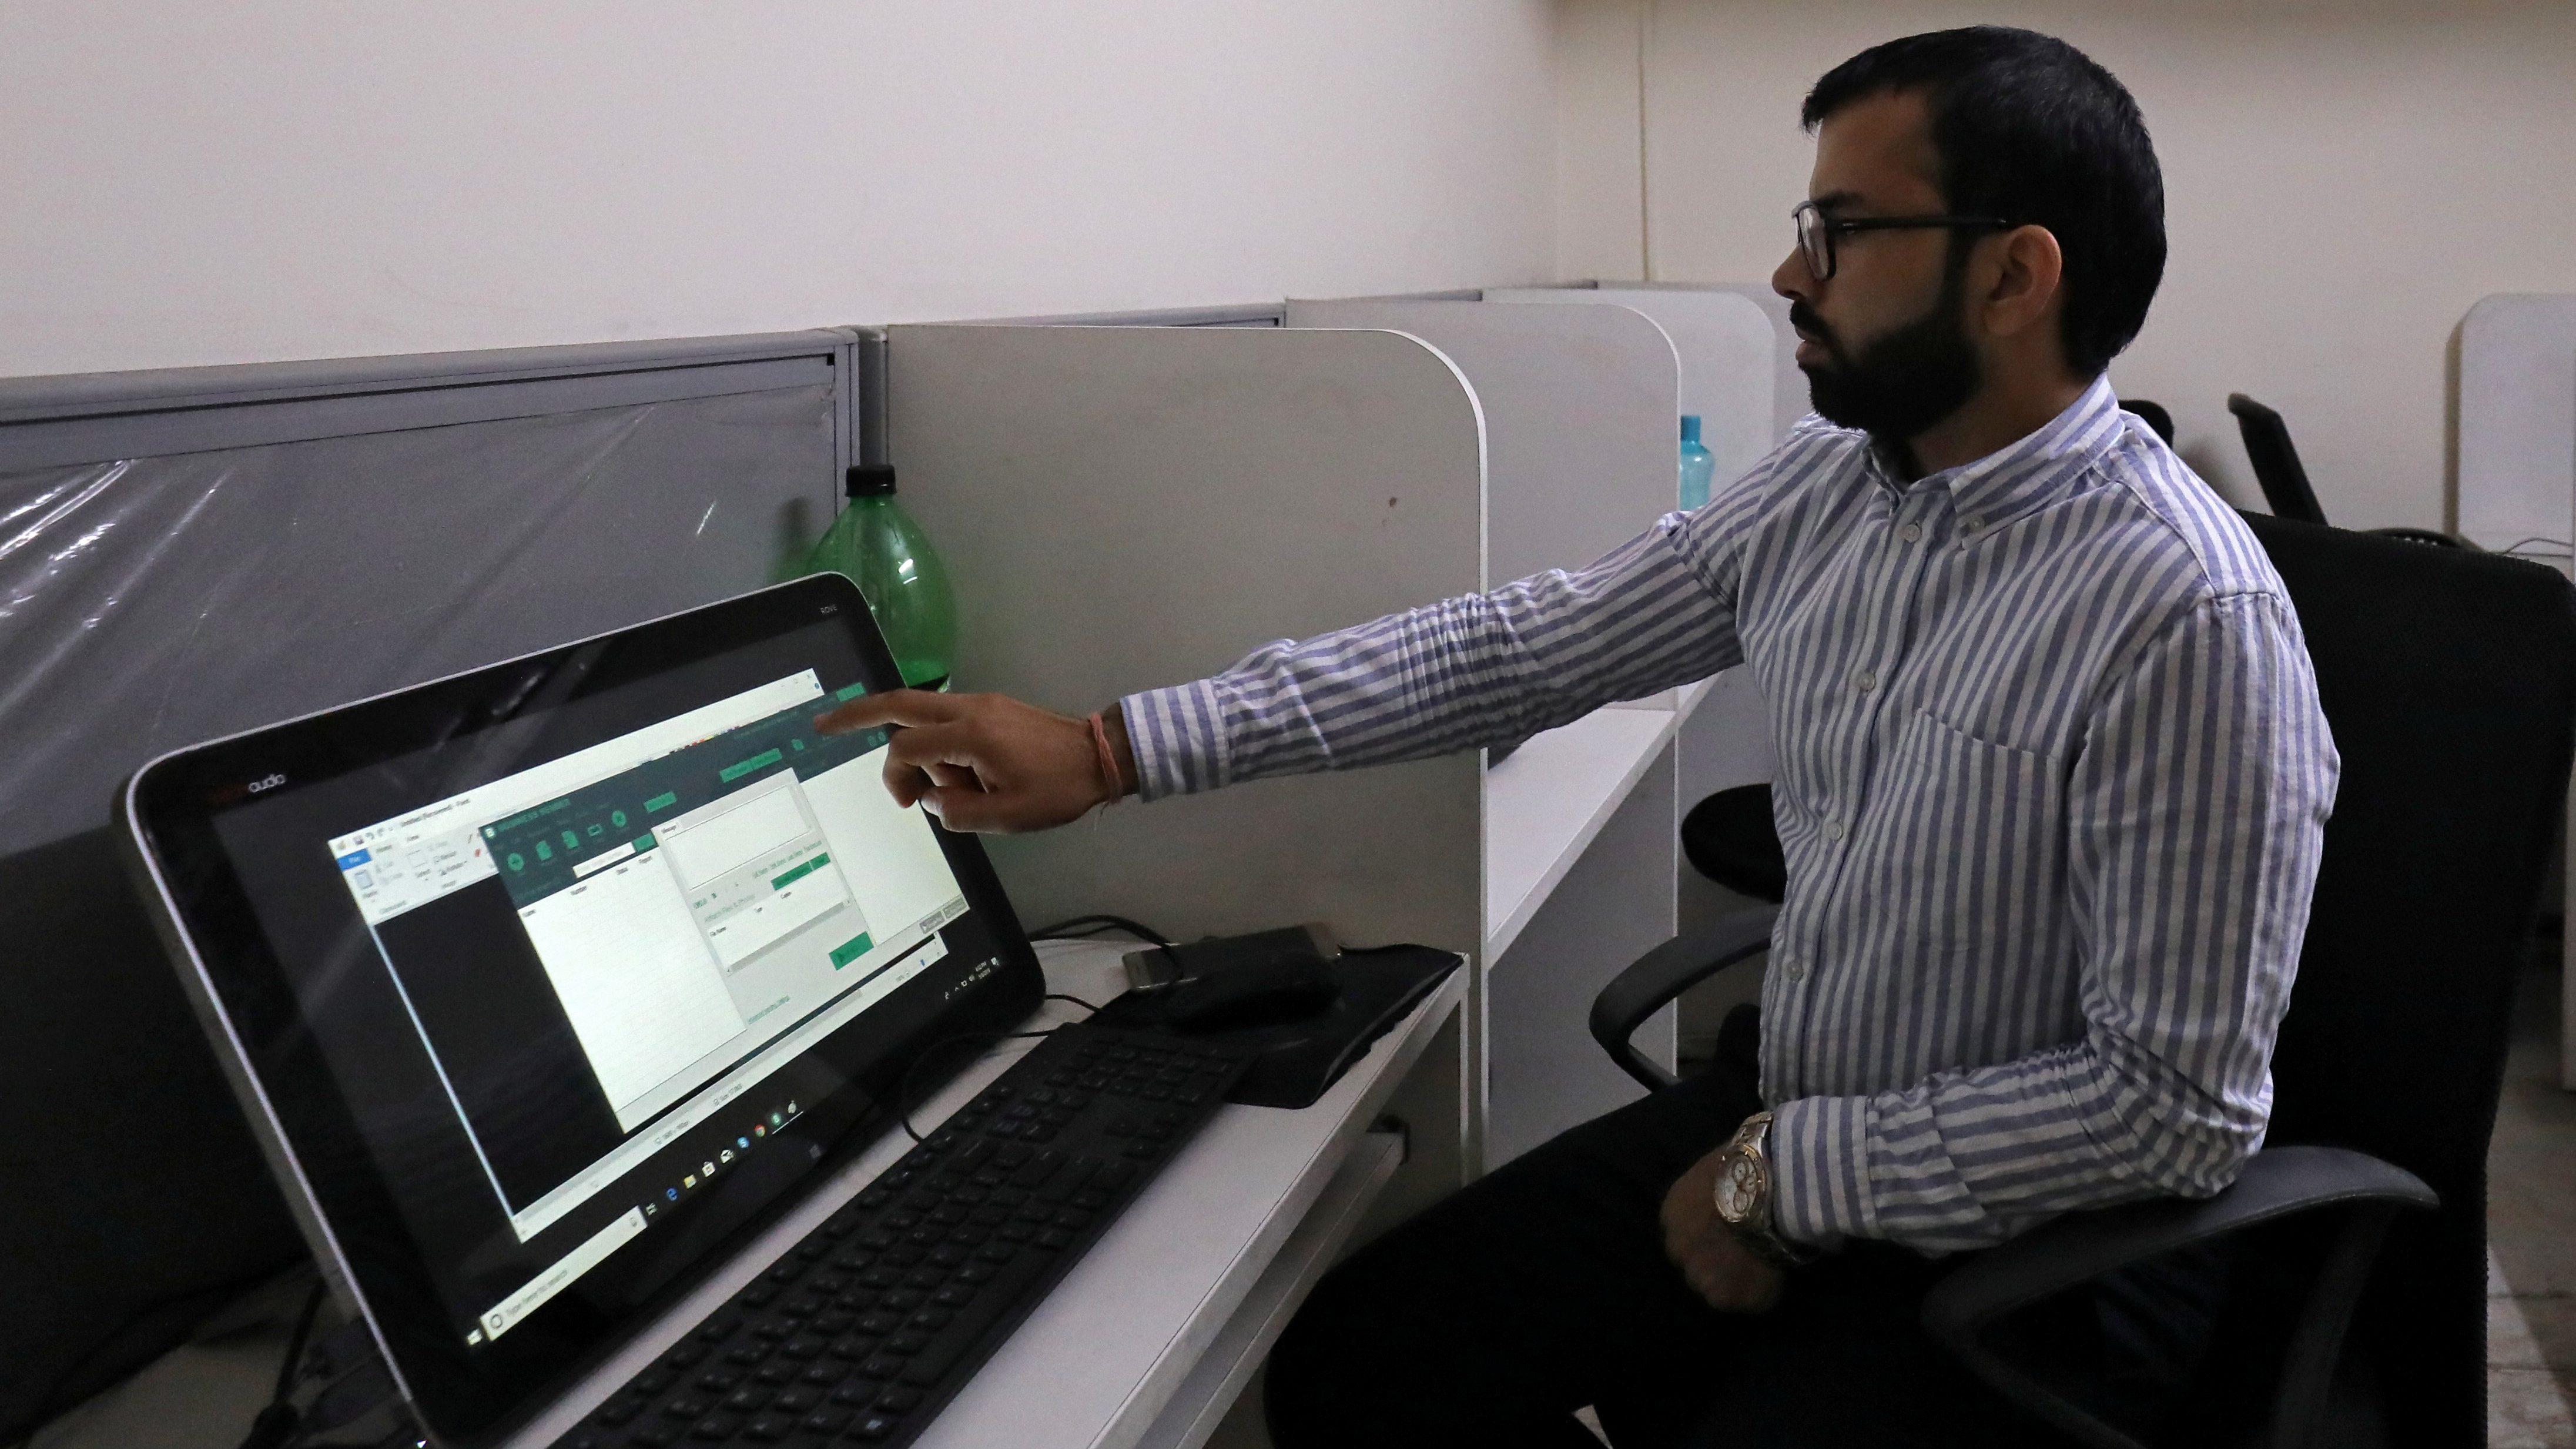 indiano Dating Club Chennai come funziona le prove di Osiris matchmaking lavoro